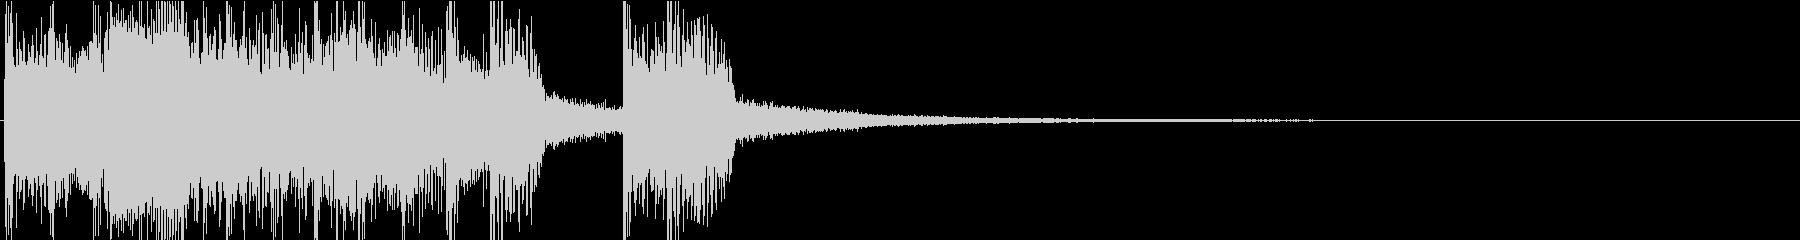 場面転換時用ジングルROCK4の未再生の波形